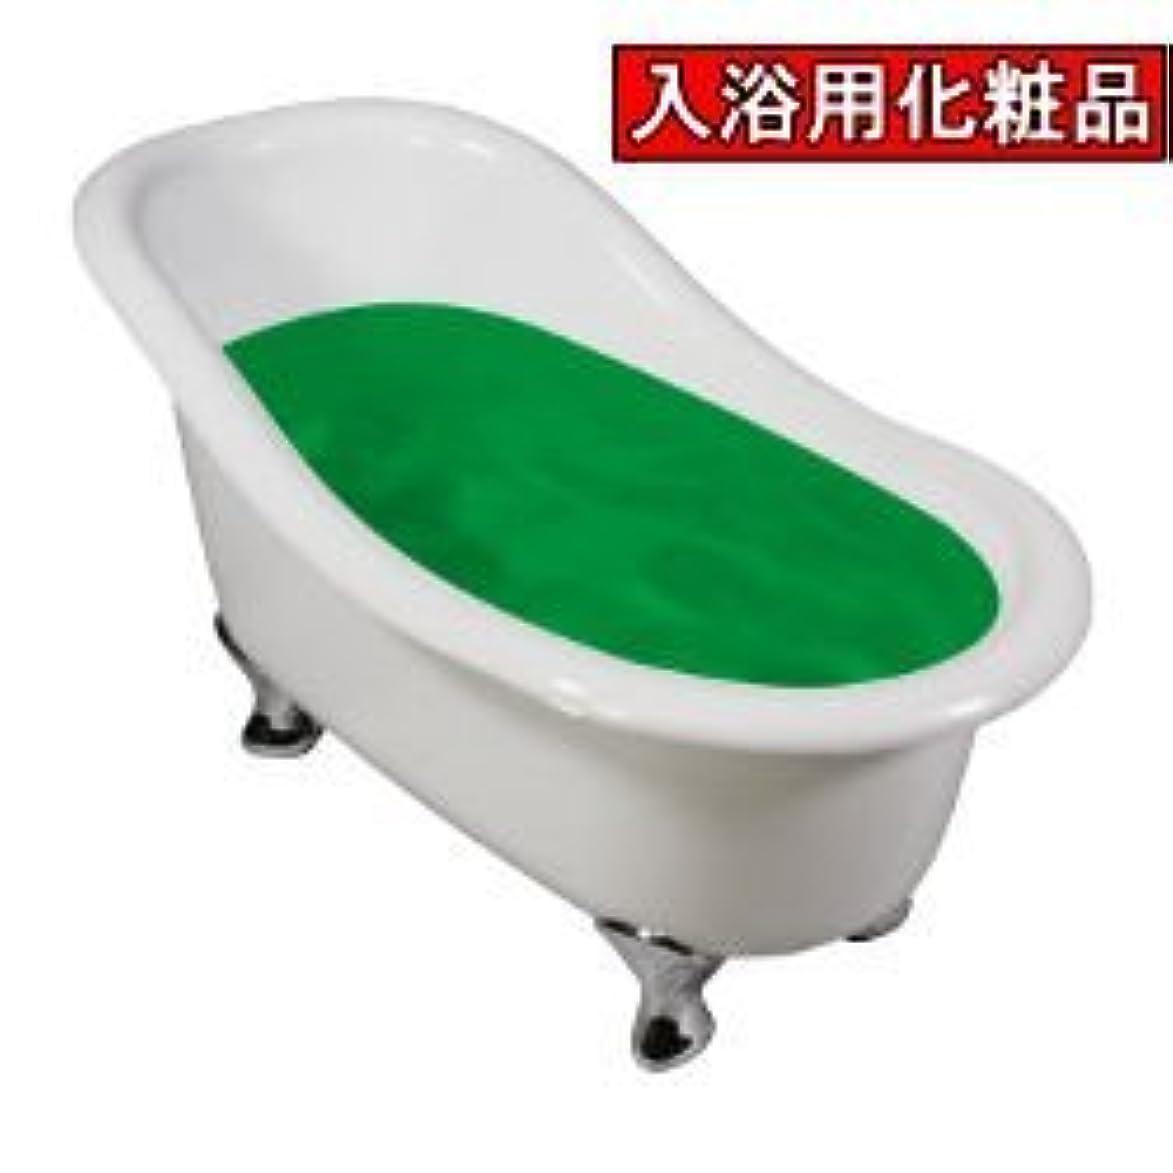 バウンススクリーチ本物の業務用入浴剤イヴタス 緑茶 17kg 業務用サイズ